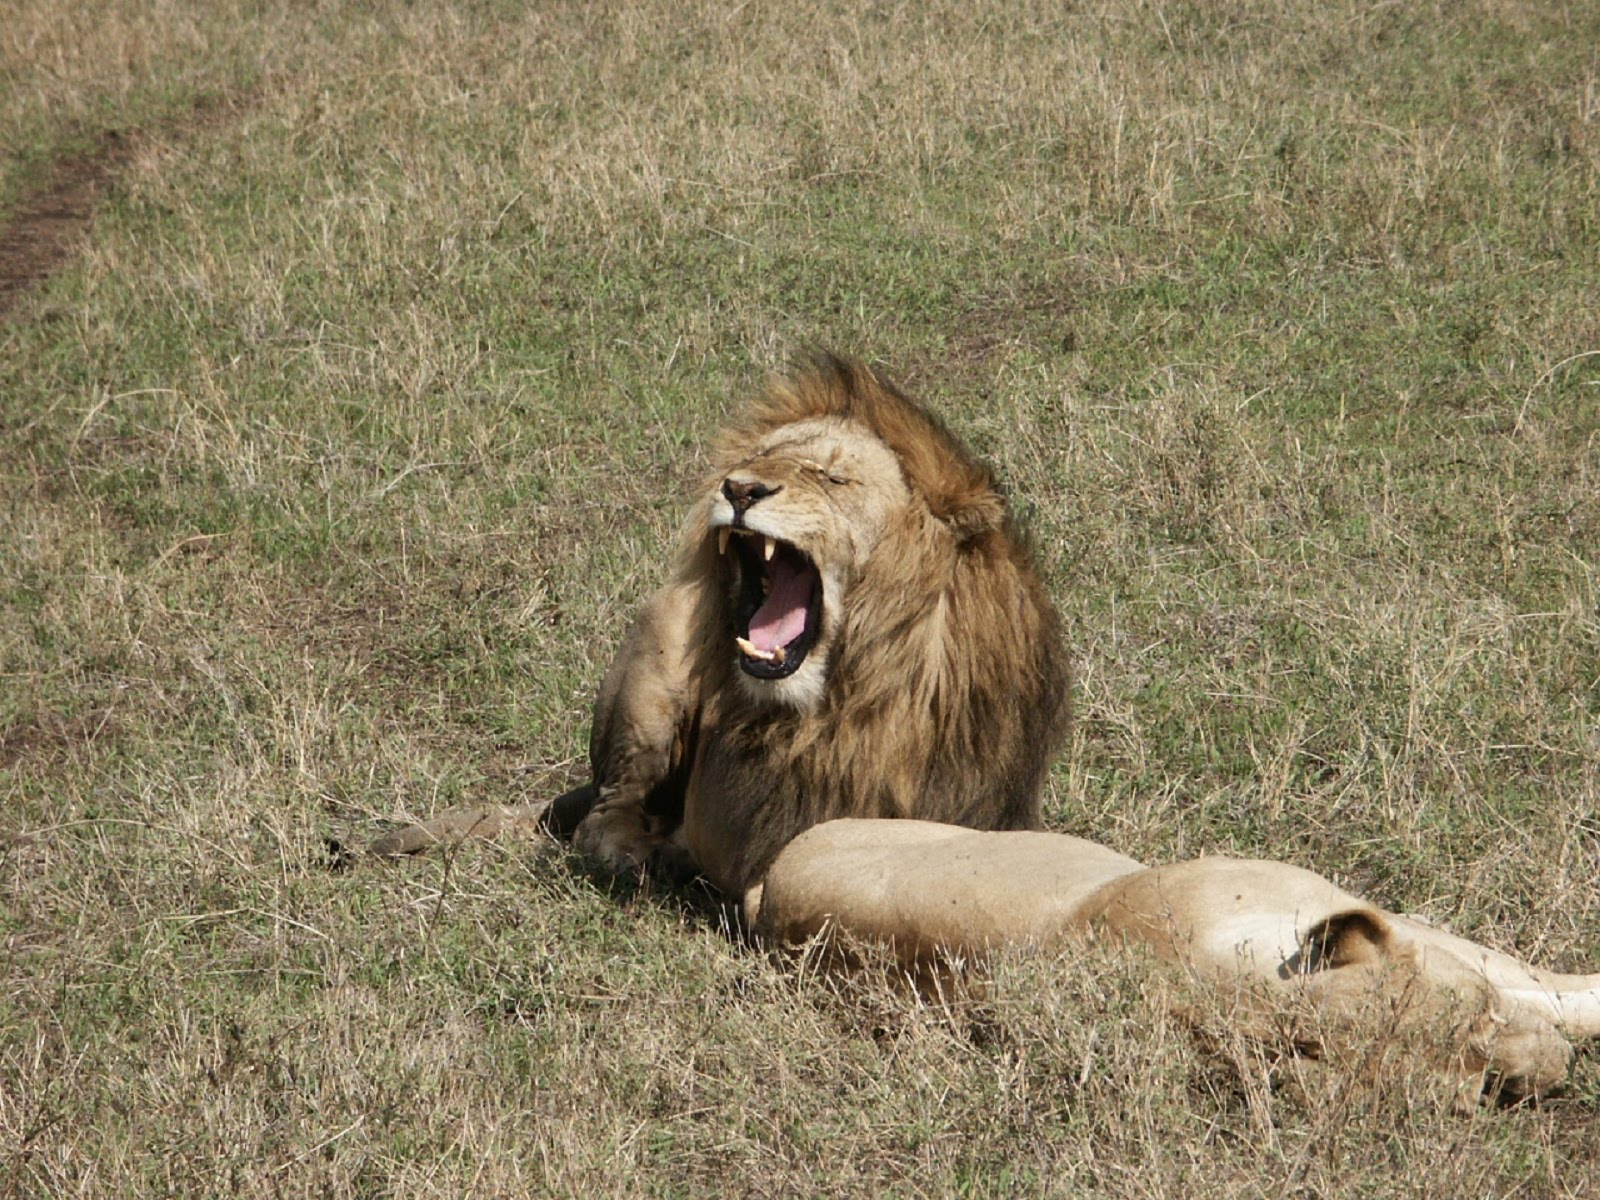 http://2.bp.blogspot.com/-QFEQtTMBffg/Tb1JFTjtcLI/AAAAAAAAIBY/CfbHe4x4nwA/s1600/lion_9.jpg